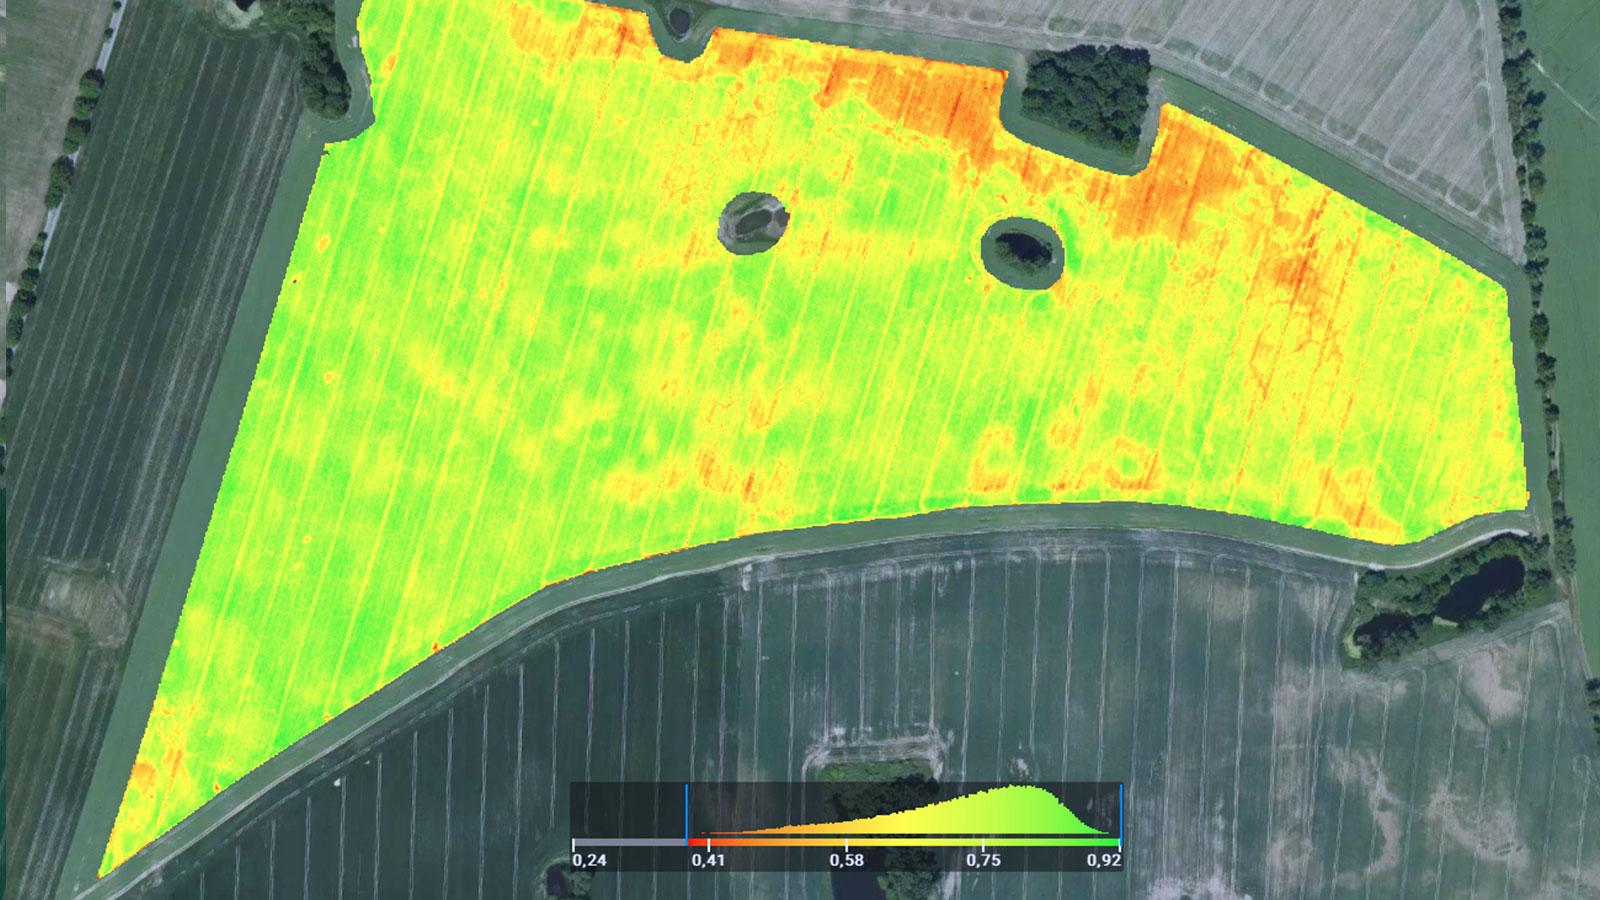 NDVI: Die Chlorophylllverteilung des Weizenfelds ist im NDVI-Spektrum